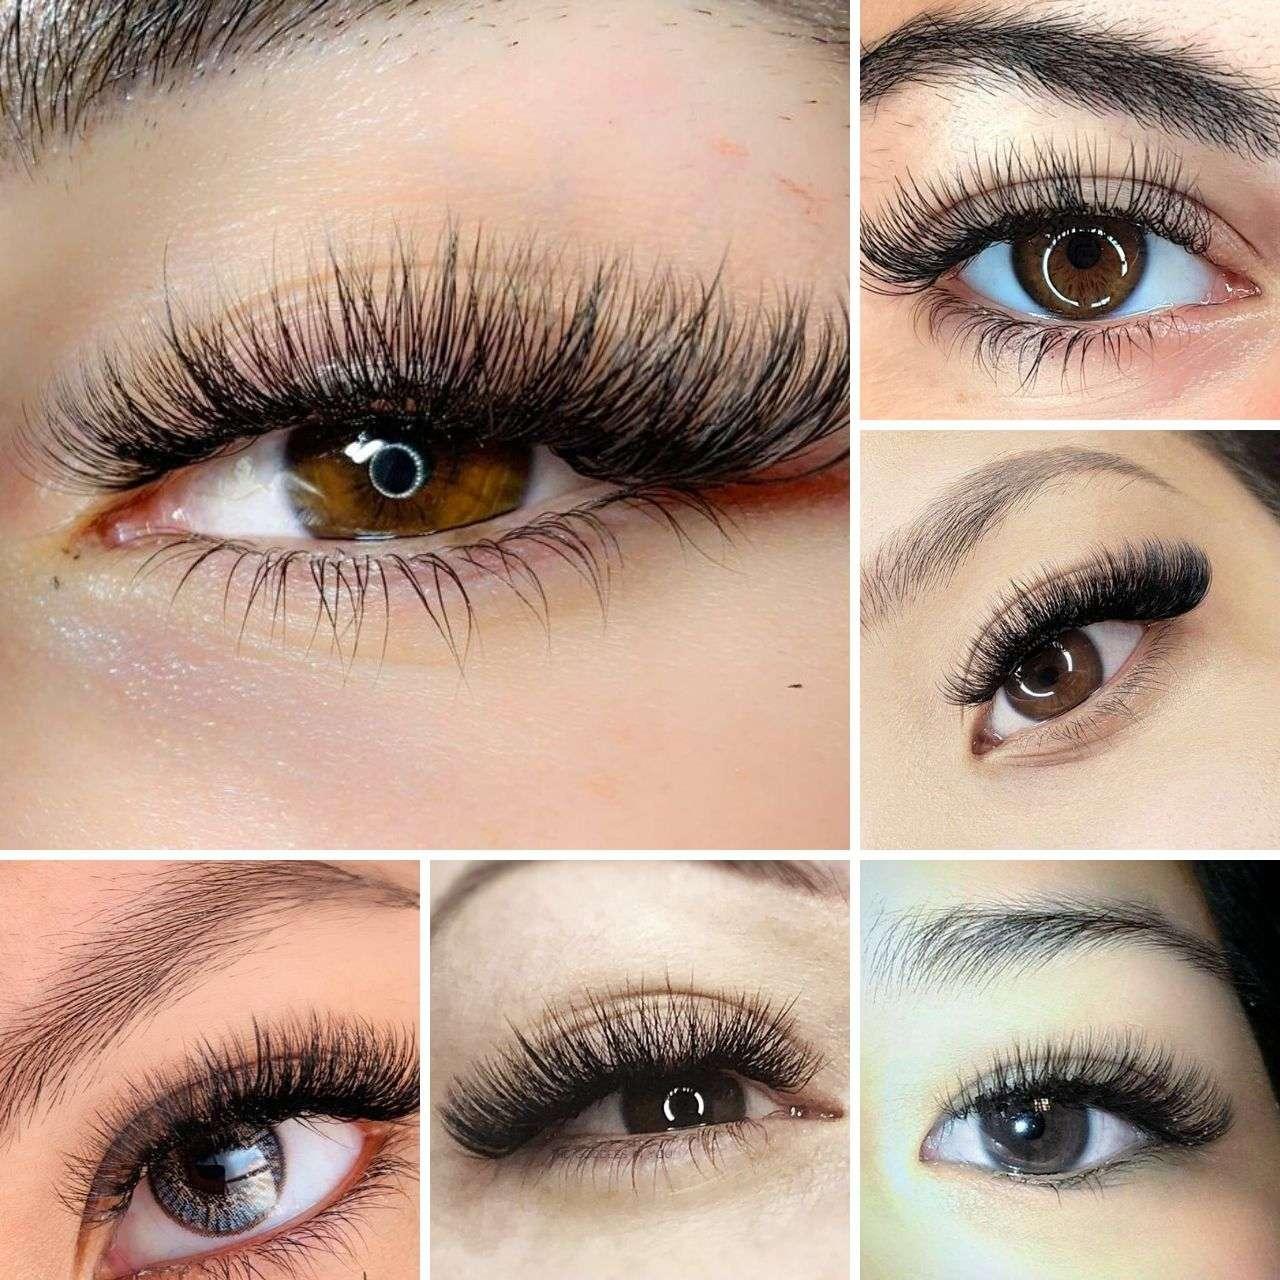 các cô nàng yêu cá tính, thích nổi bật lựa chọn bởi nó giúp đôi mắt to hơn tròn hơn , mi dày và đậm hơn .